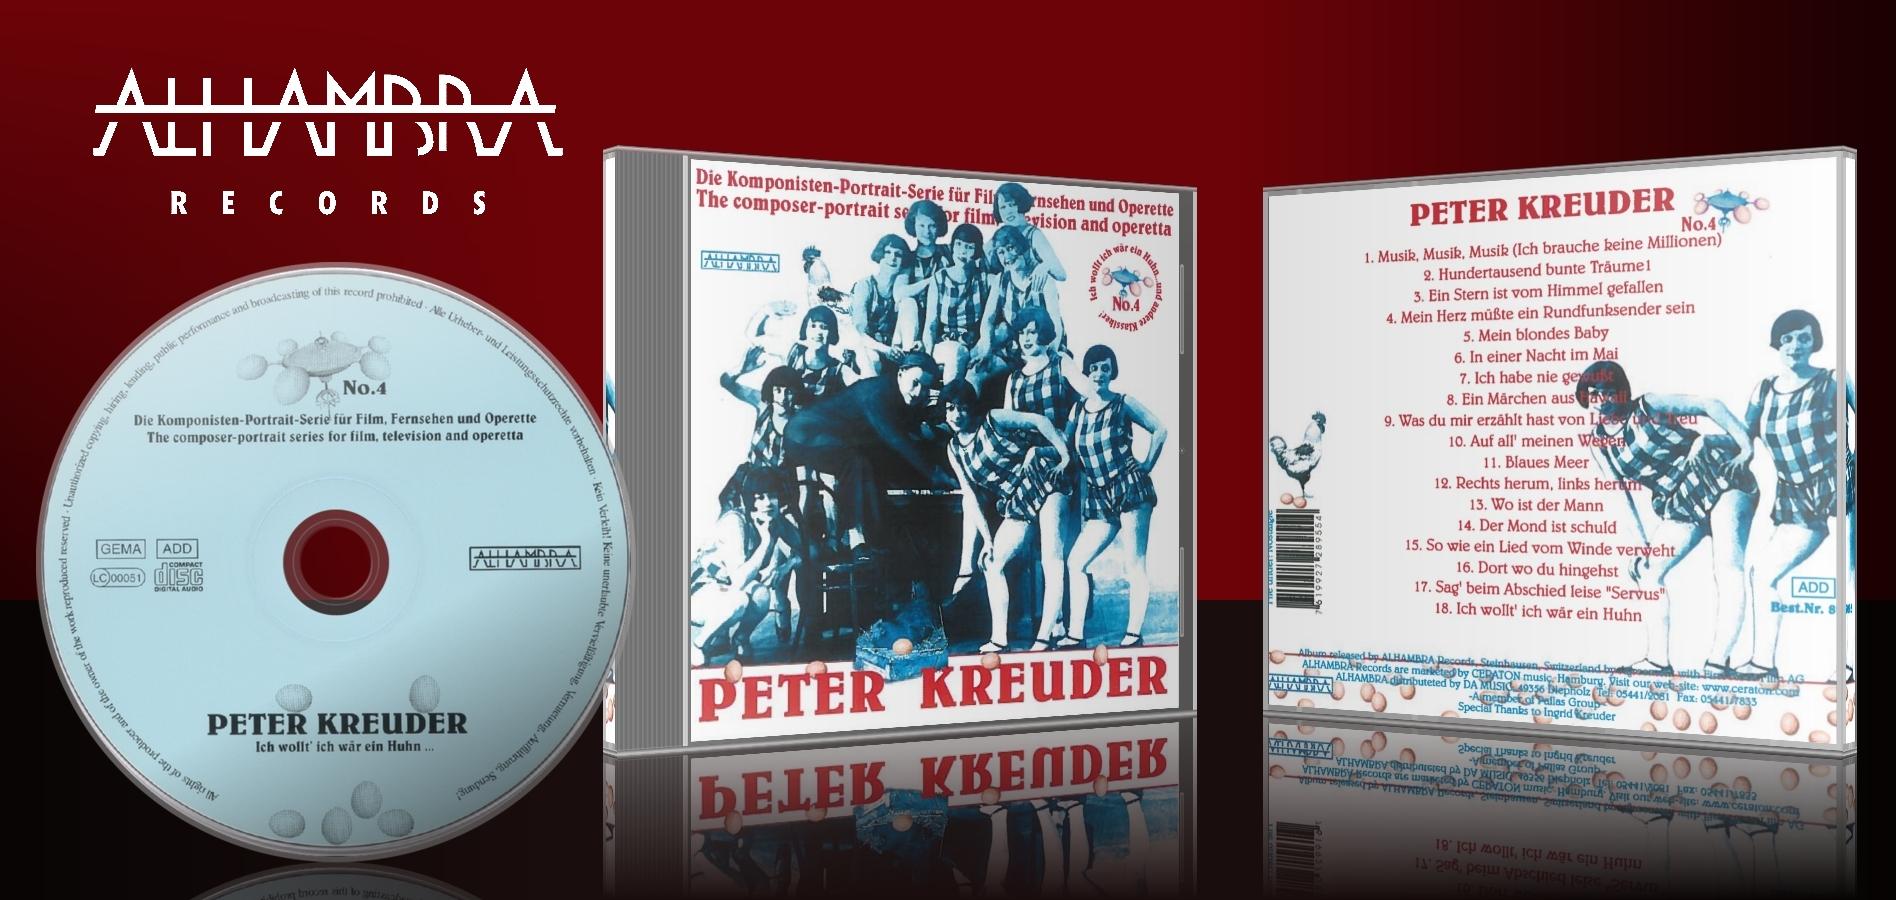 Die Komponisten-Portrait Serie für Film, Fernsehen und Operette Vol. 4 – Peter Kreuder